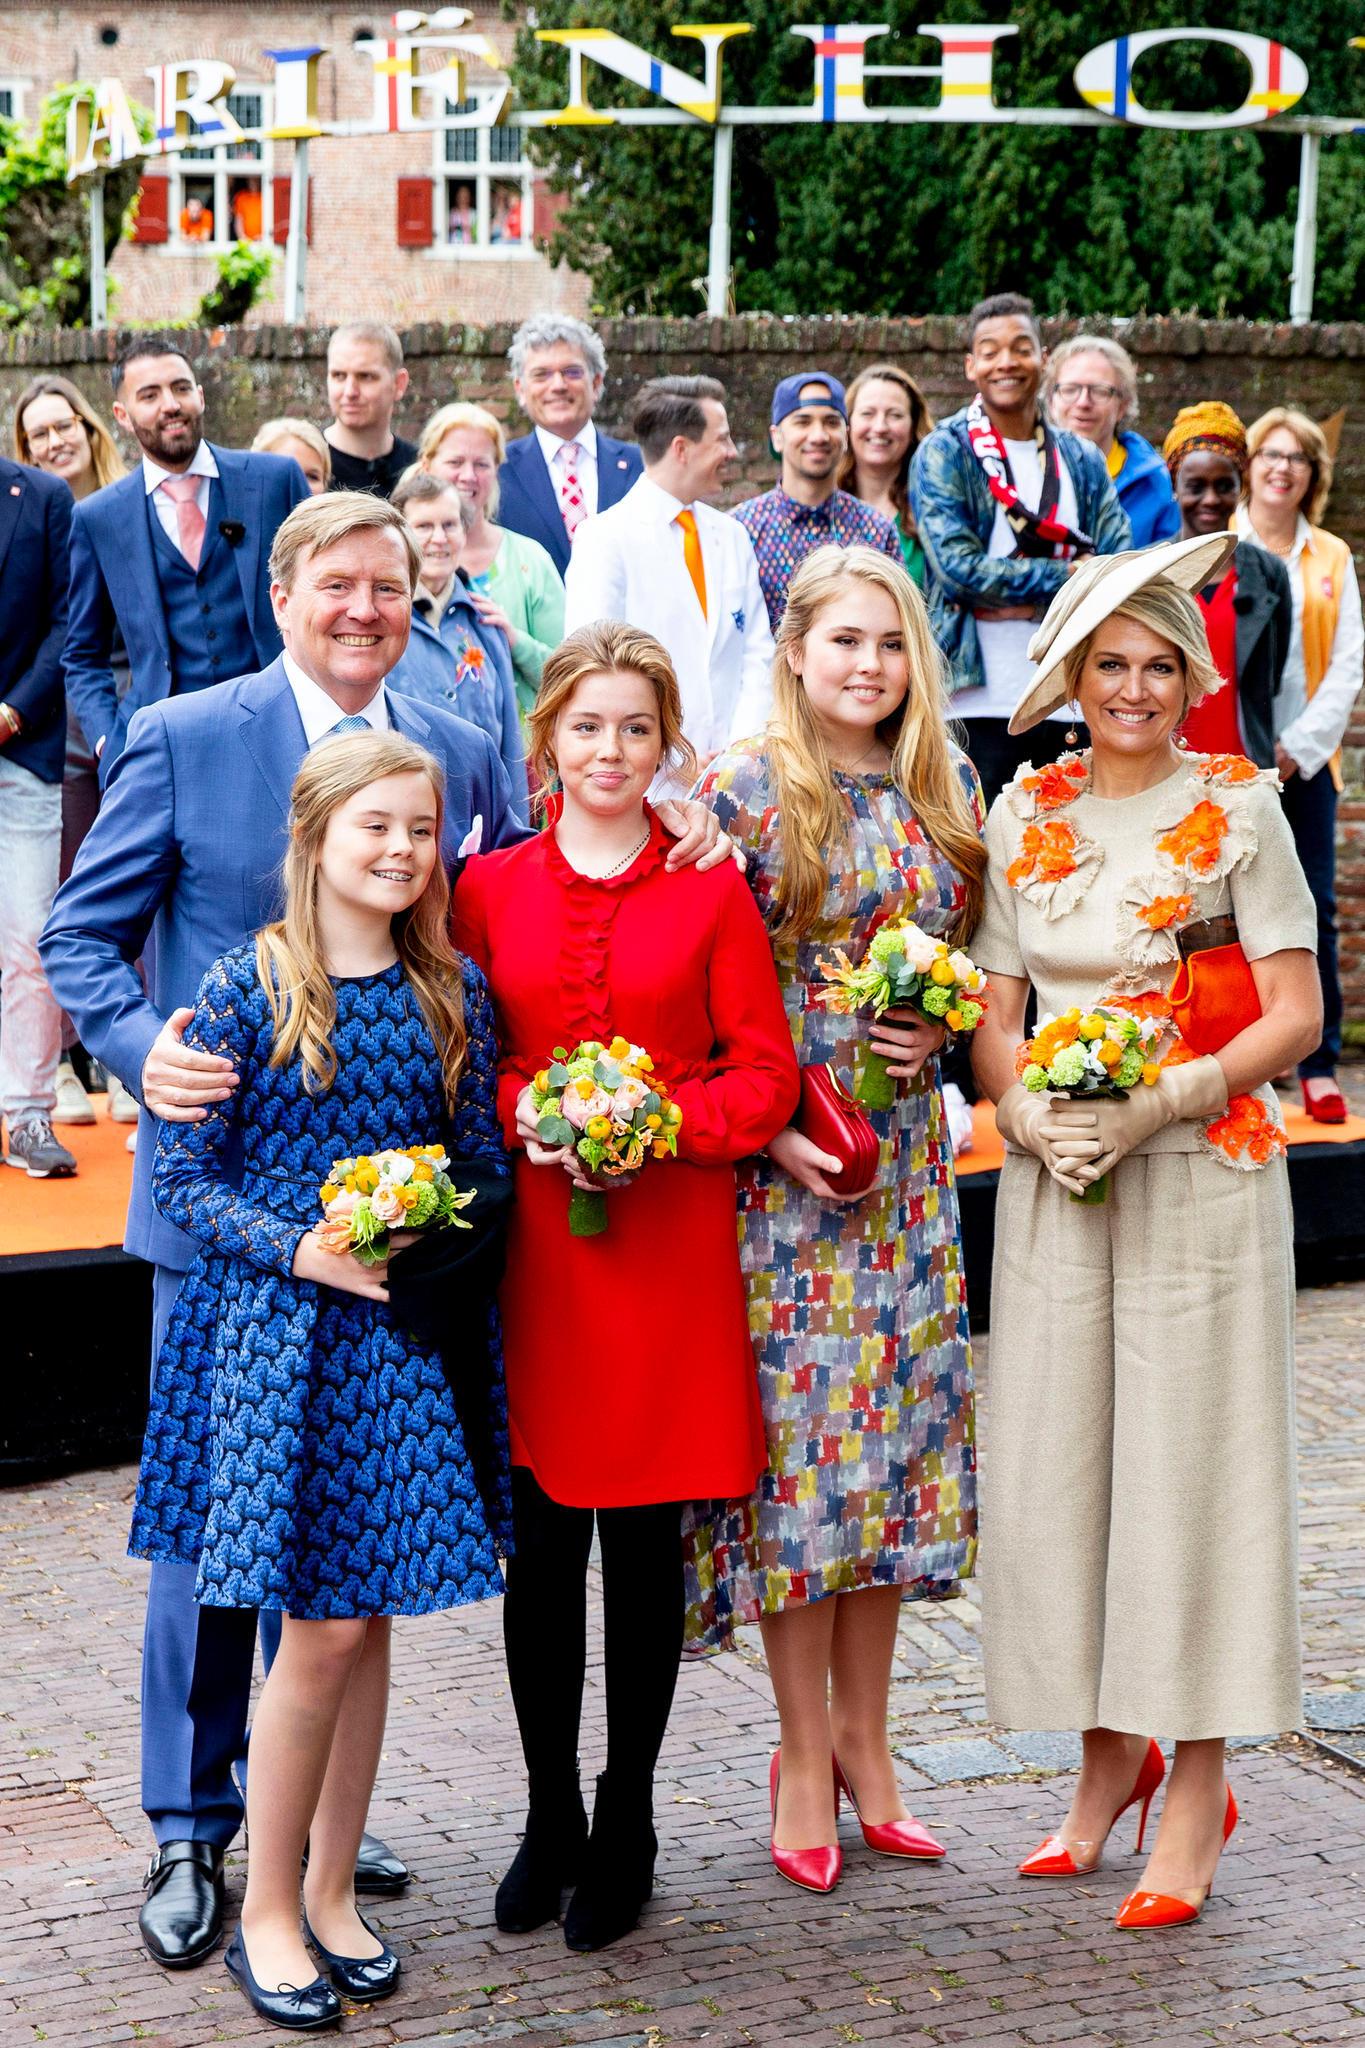 König Willem-Alexander undKönigin Máxima mit ihren drei Töchtern: Prinzessin Ariane, Prinzessin Alexia und Prinzessin Amalia (v.l.n.r.)